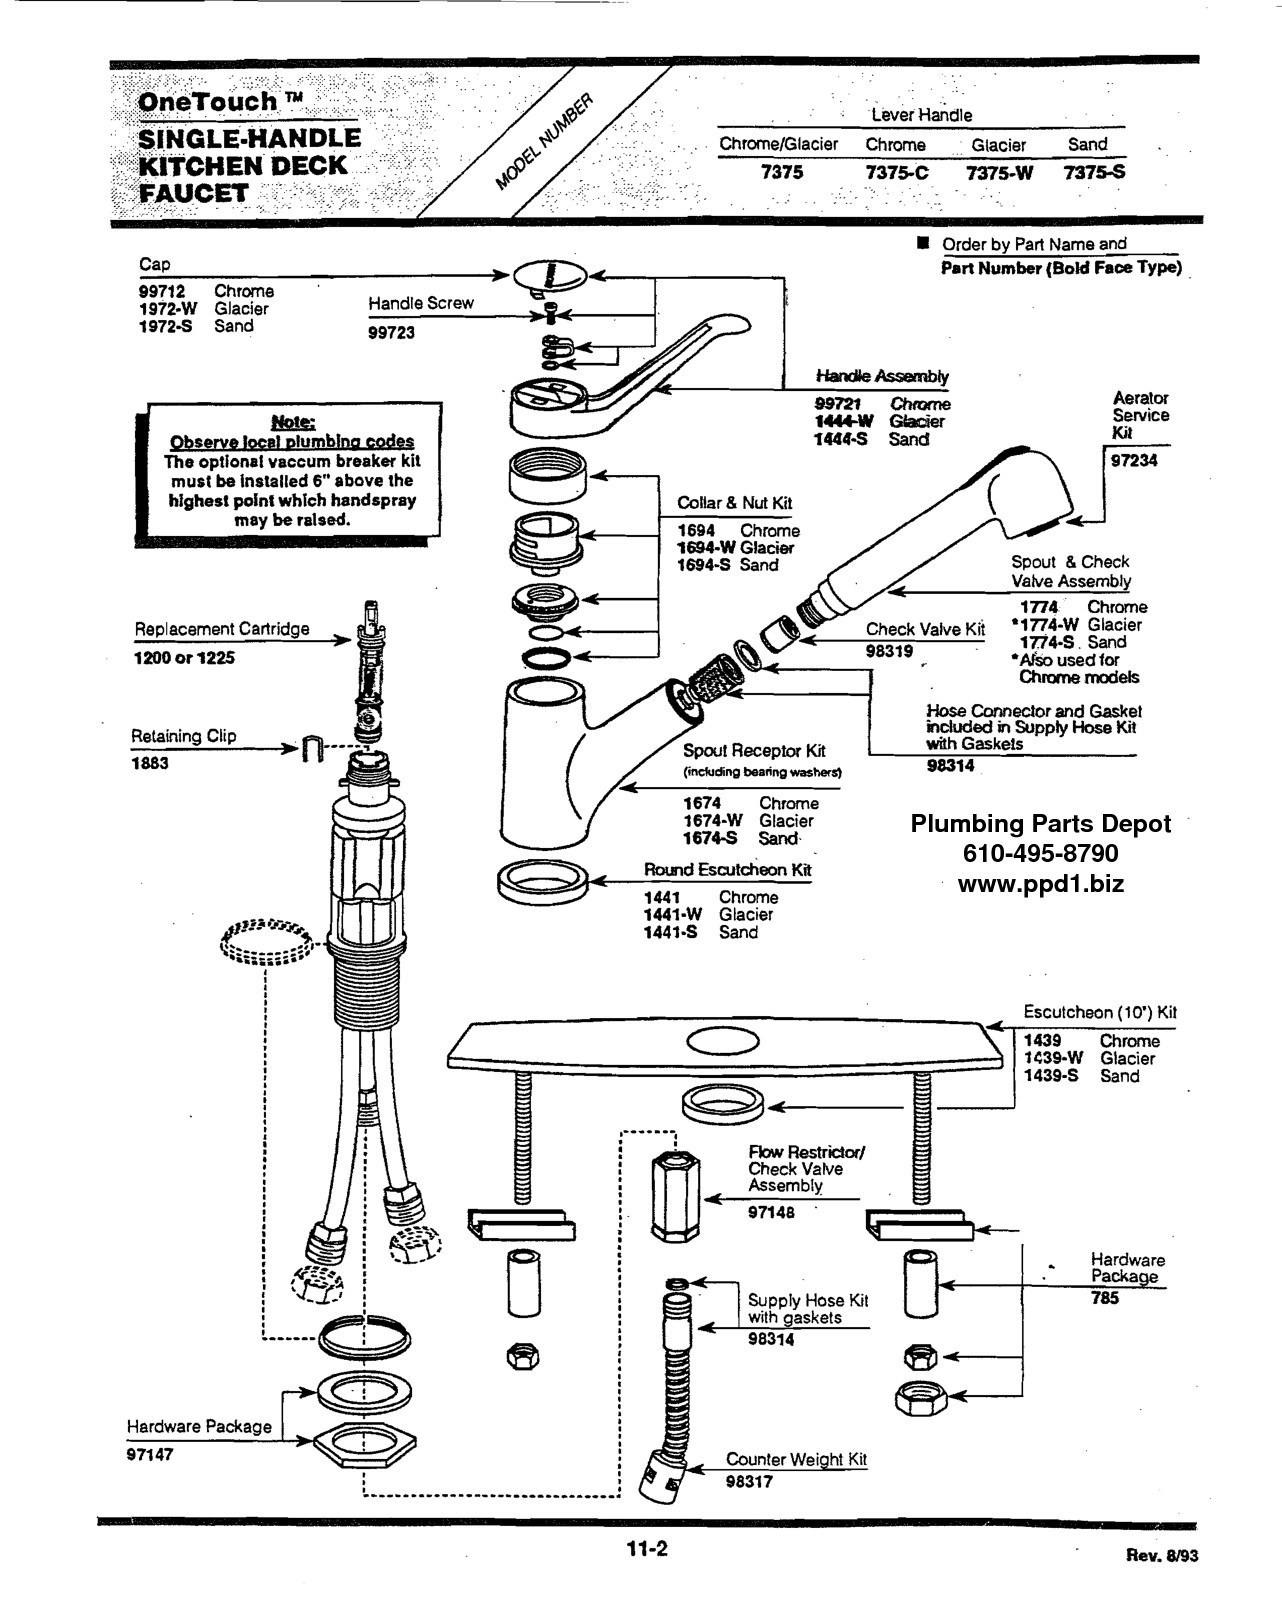 Elegant Old Delta Shower Faucet Parts